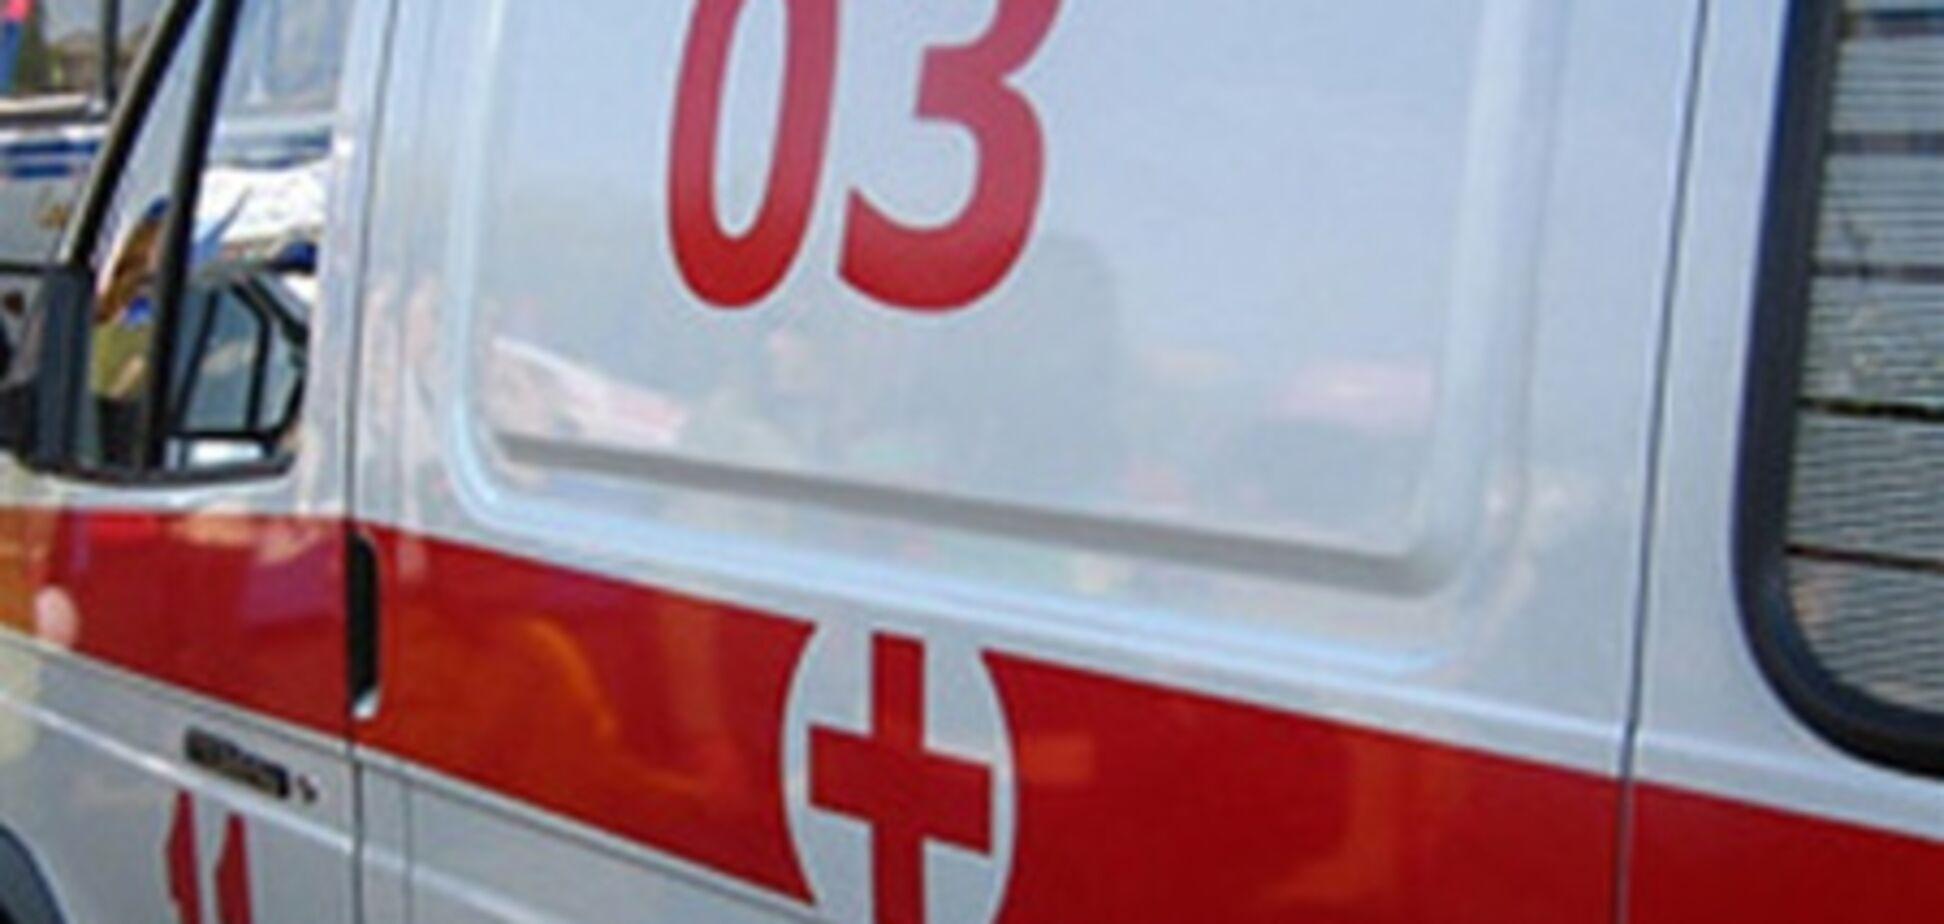 ДТП: водитель сбил ребенка на переходе и…скрылся